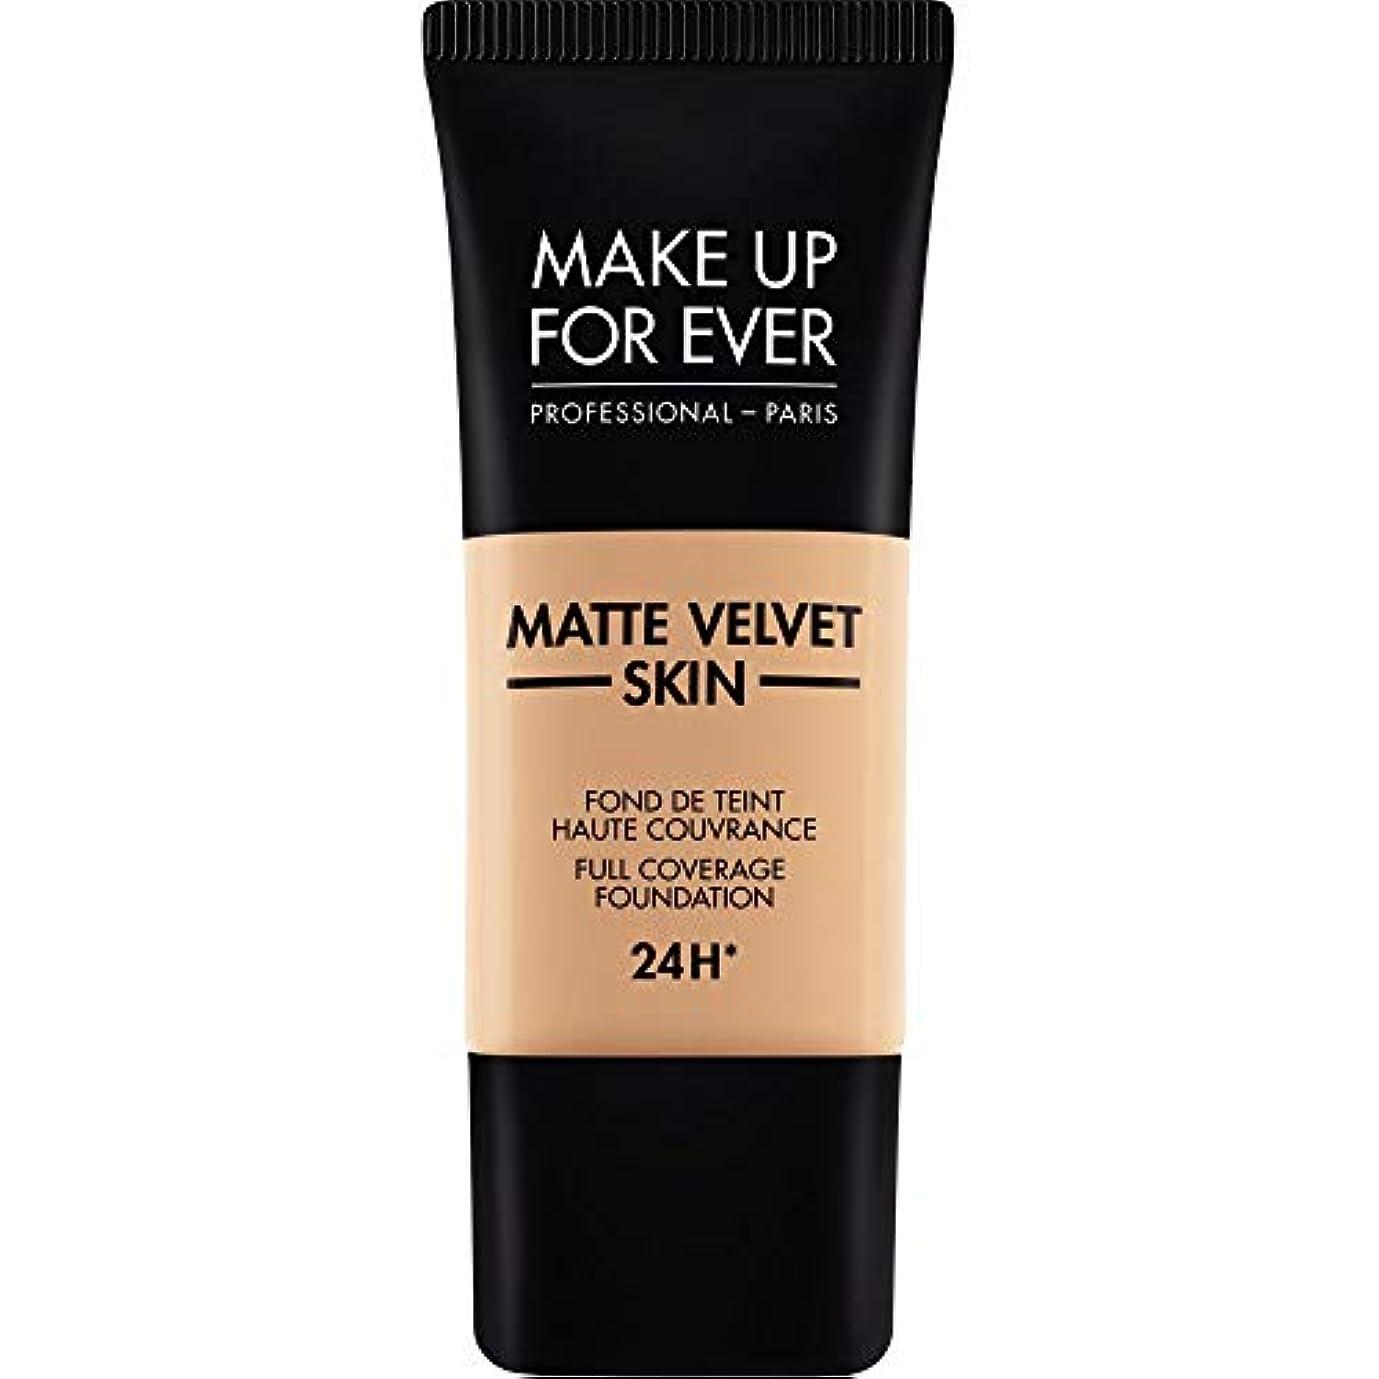 破壊的なトランペット慎重に[MAKE UP FOR EVER ] これまでマットベルベットの皮膚のフルカバレッジ基礎30ミリリットルのY325を補う - 肉 - MAKE UP FOR EVER Matte Velvet Skin Full Coverage...